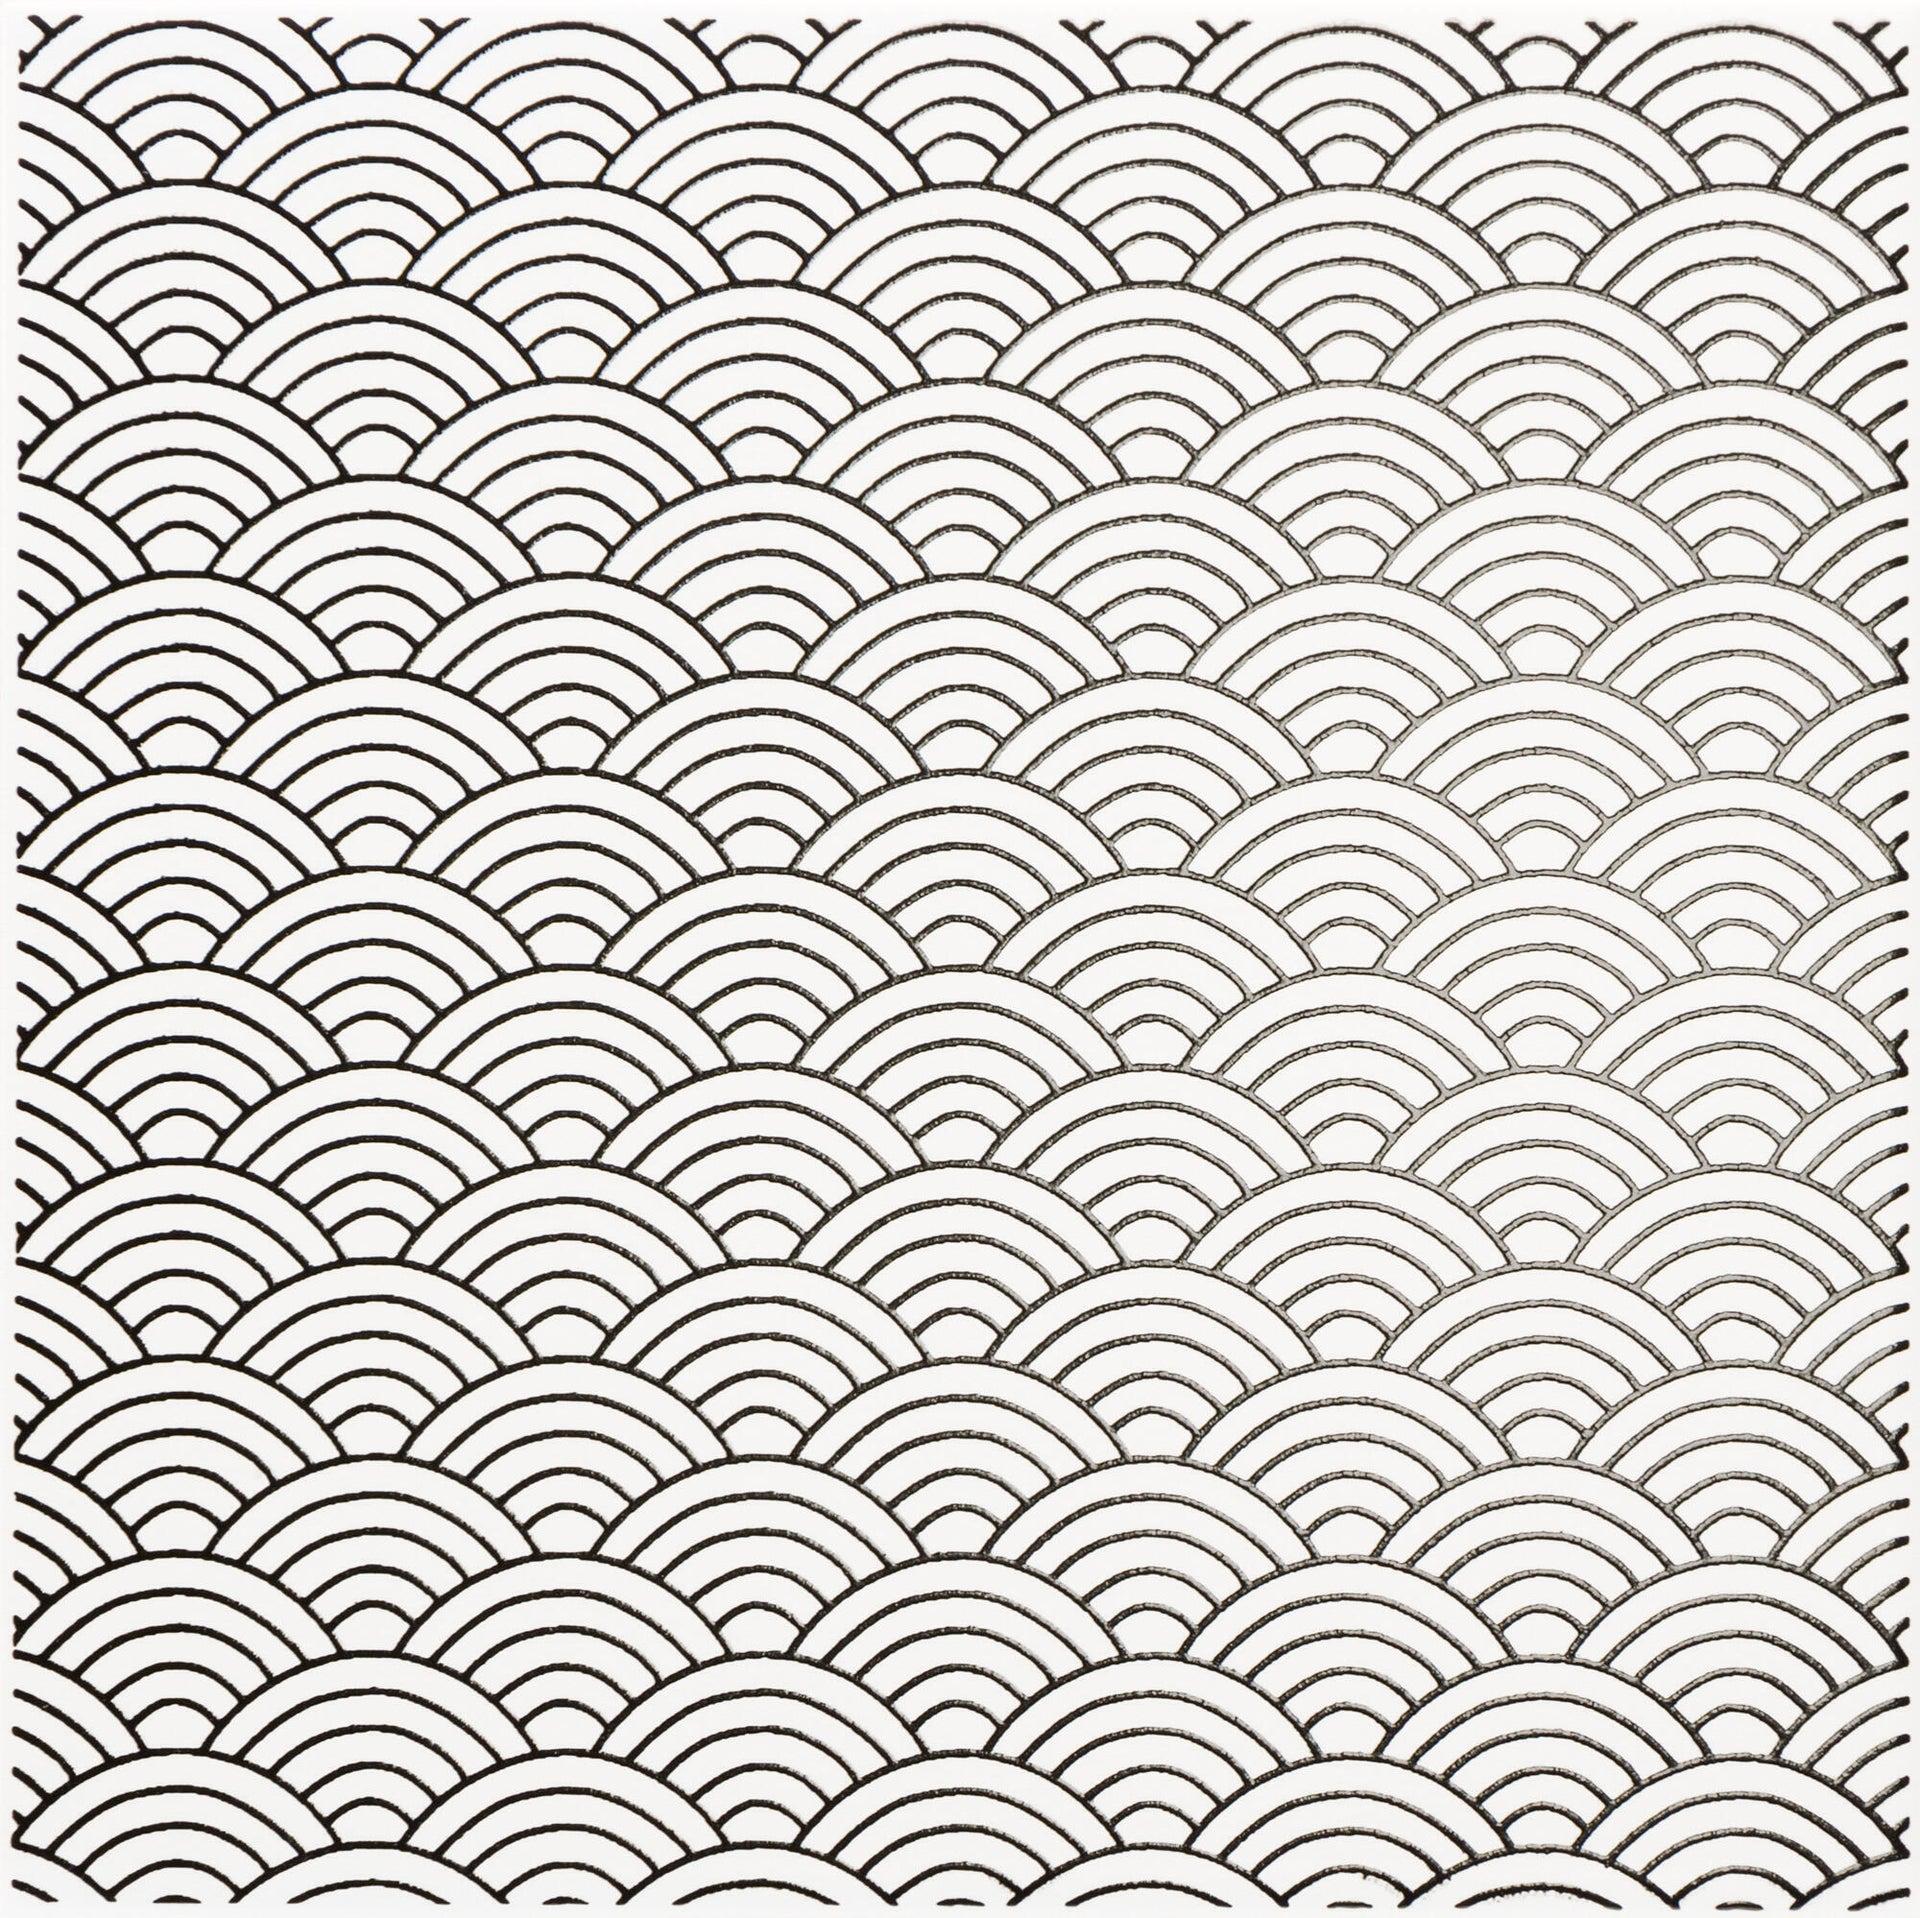 Piastrella decorativa Astuce 20 x 20 cm sp. 6.5 mm bianco - 4